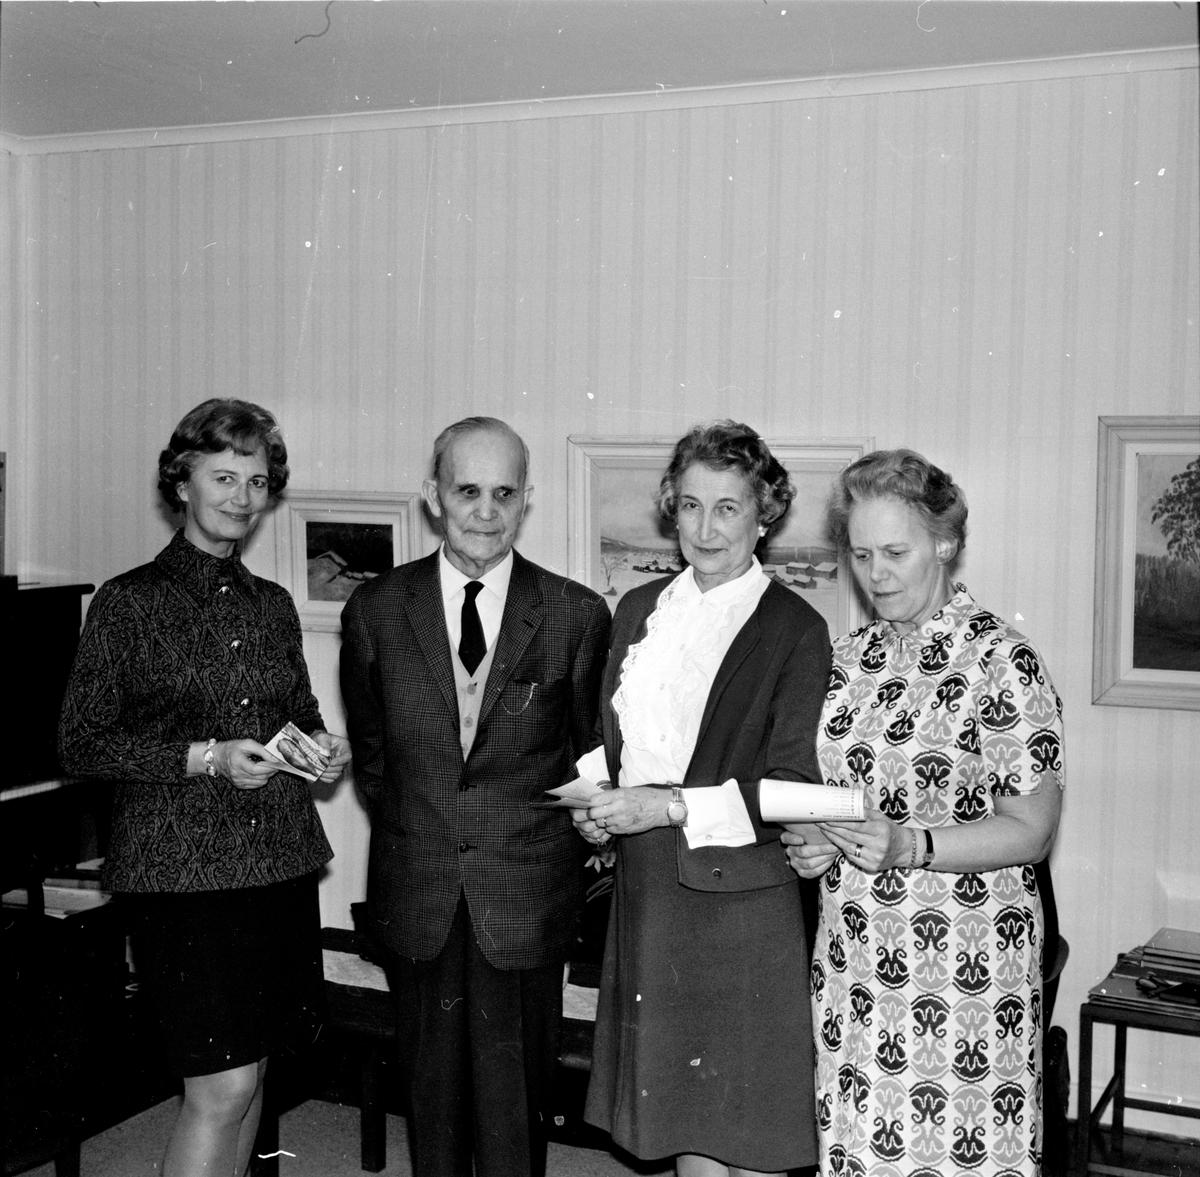 Arbrå, Rädda Barnens årsmöte, Mars 1970